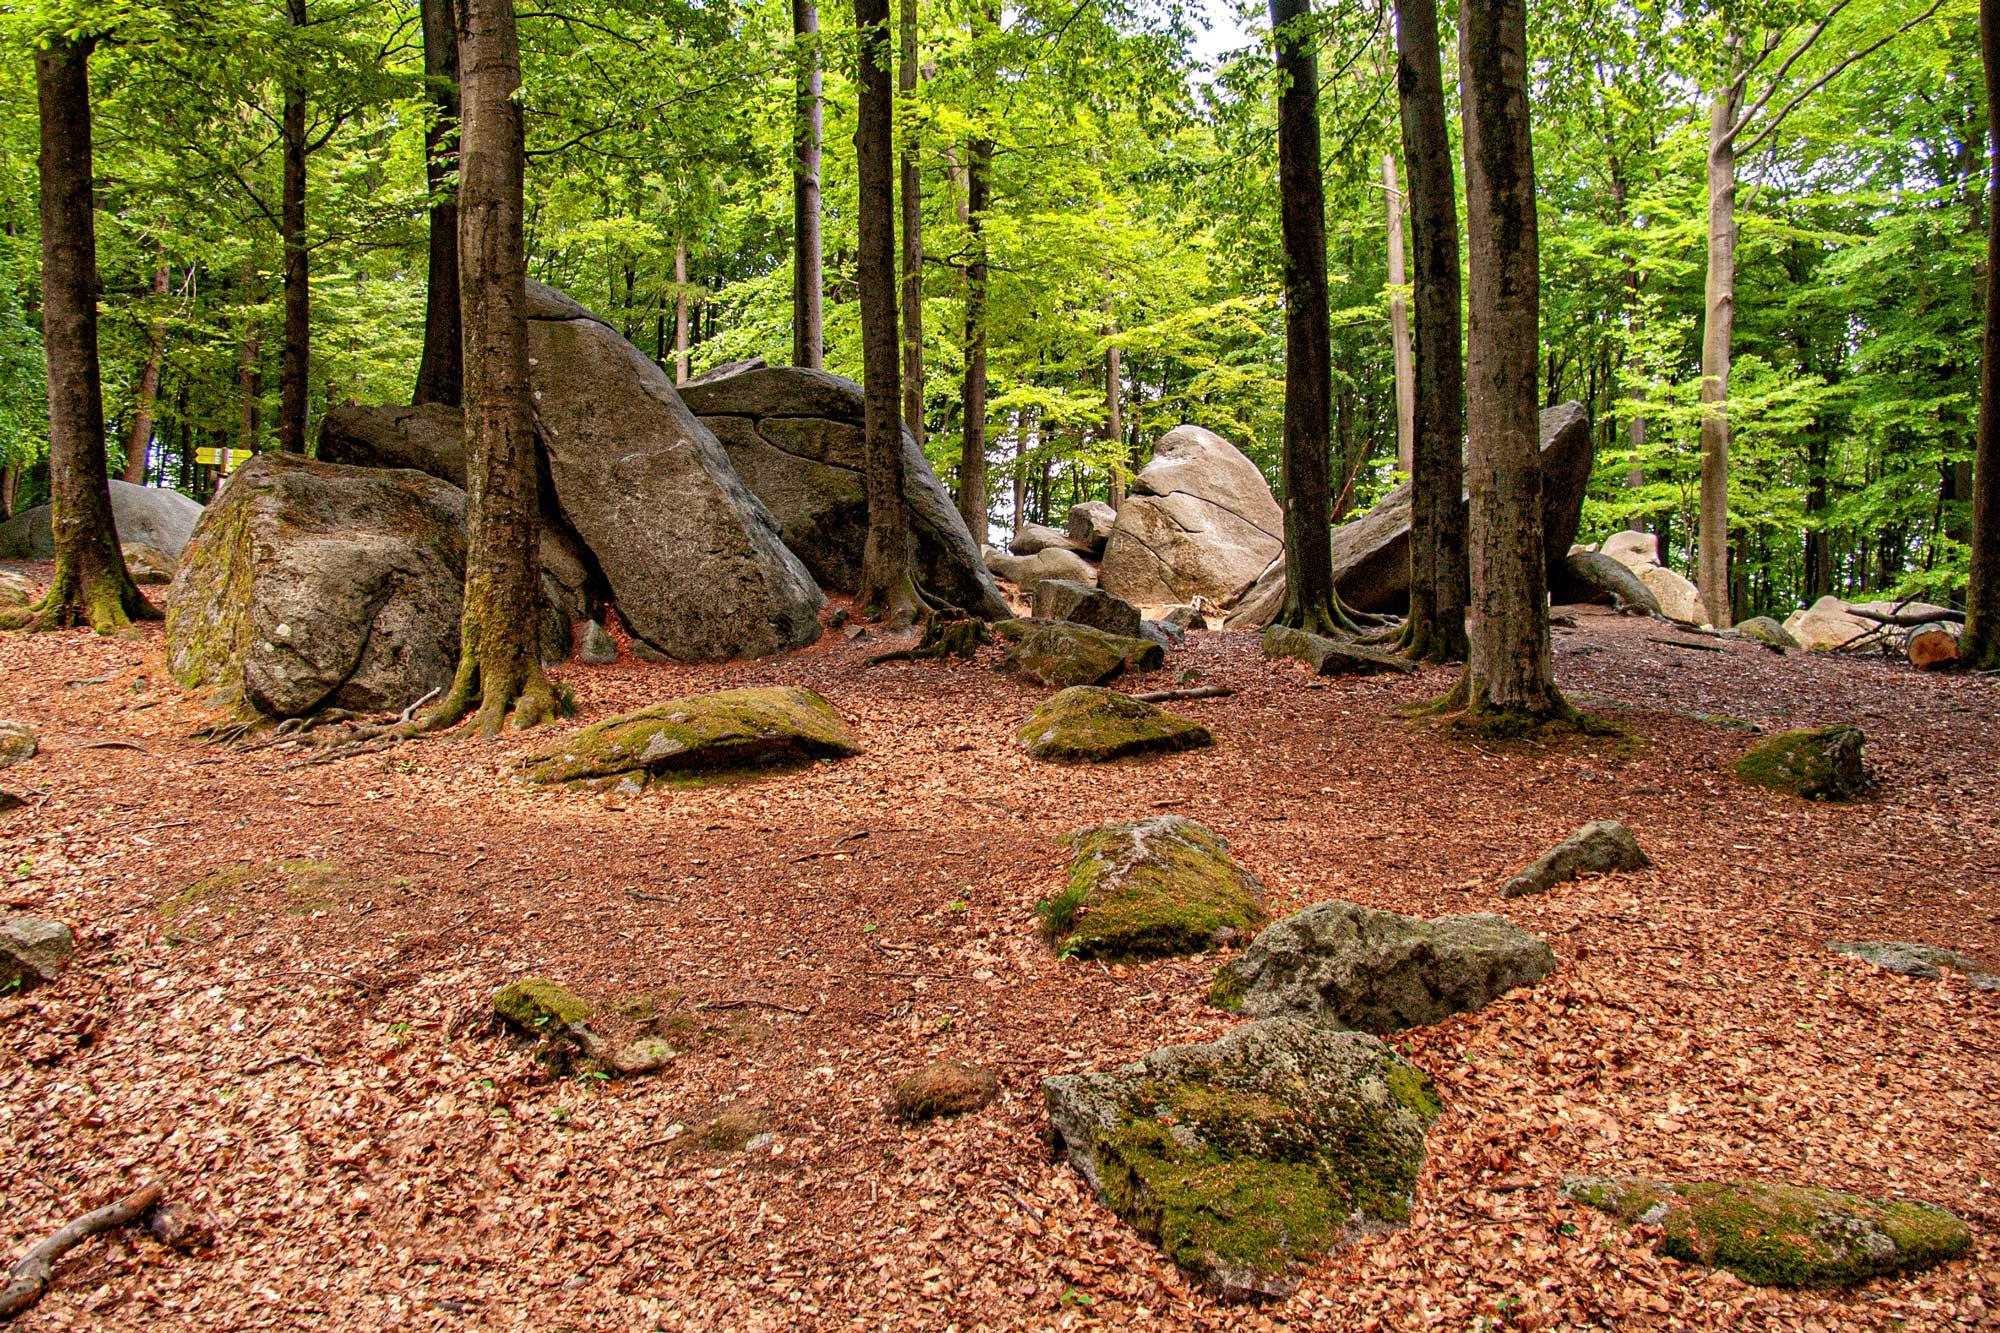 Das Felsenmeer bei Reichenbach im Odenwald, Kreis Bergstraße in Südhessen